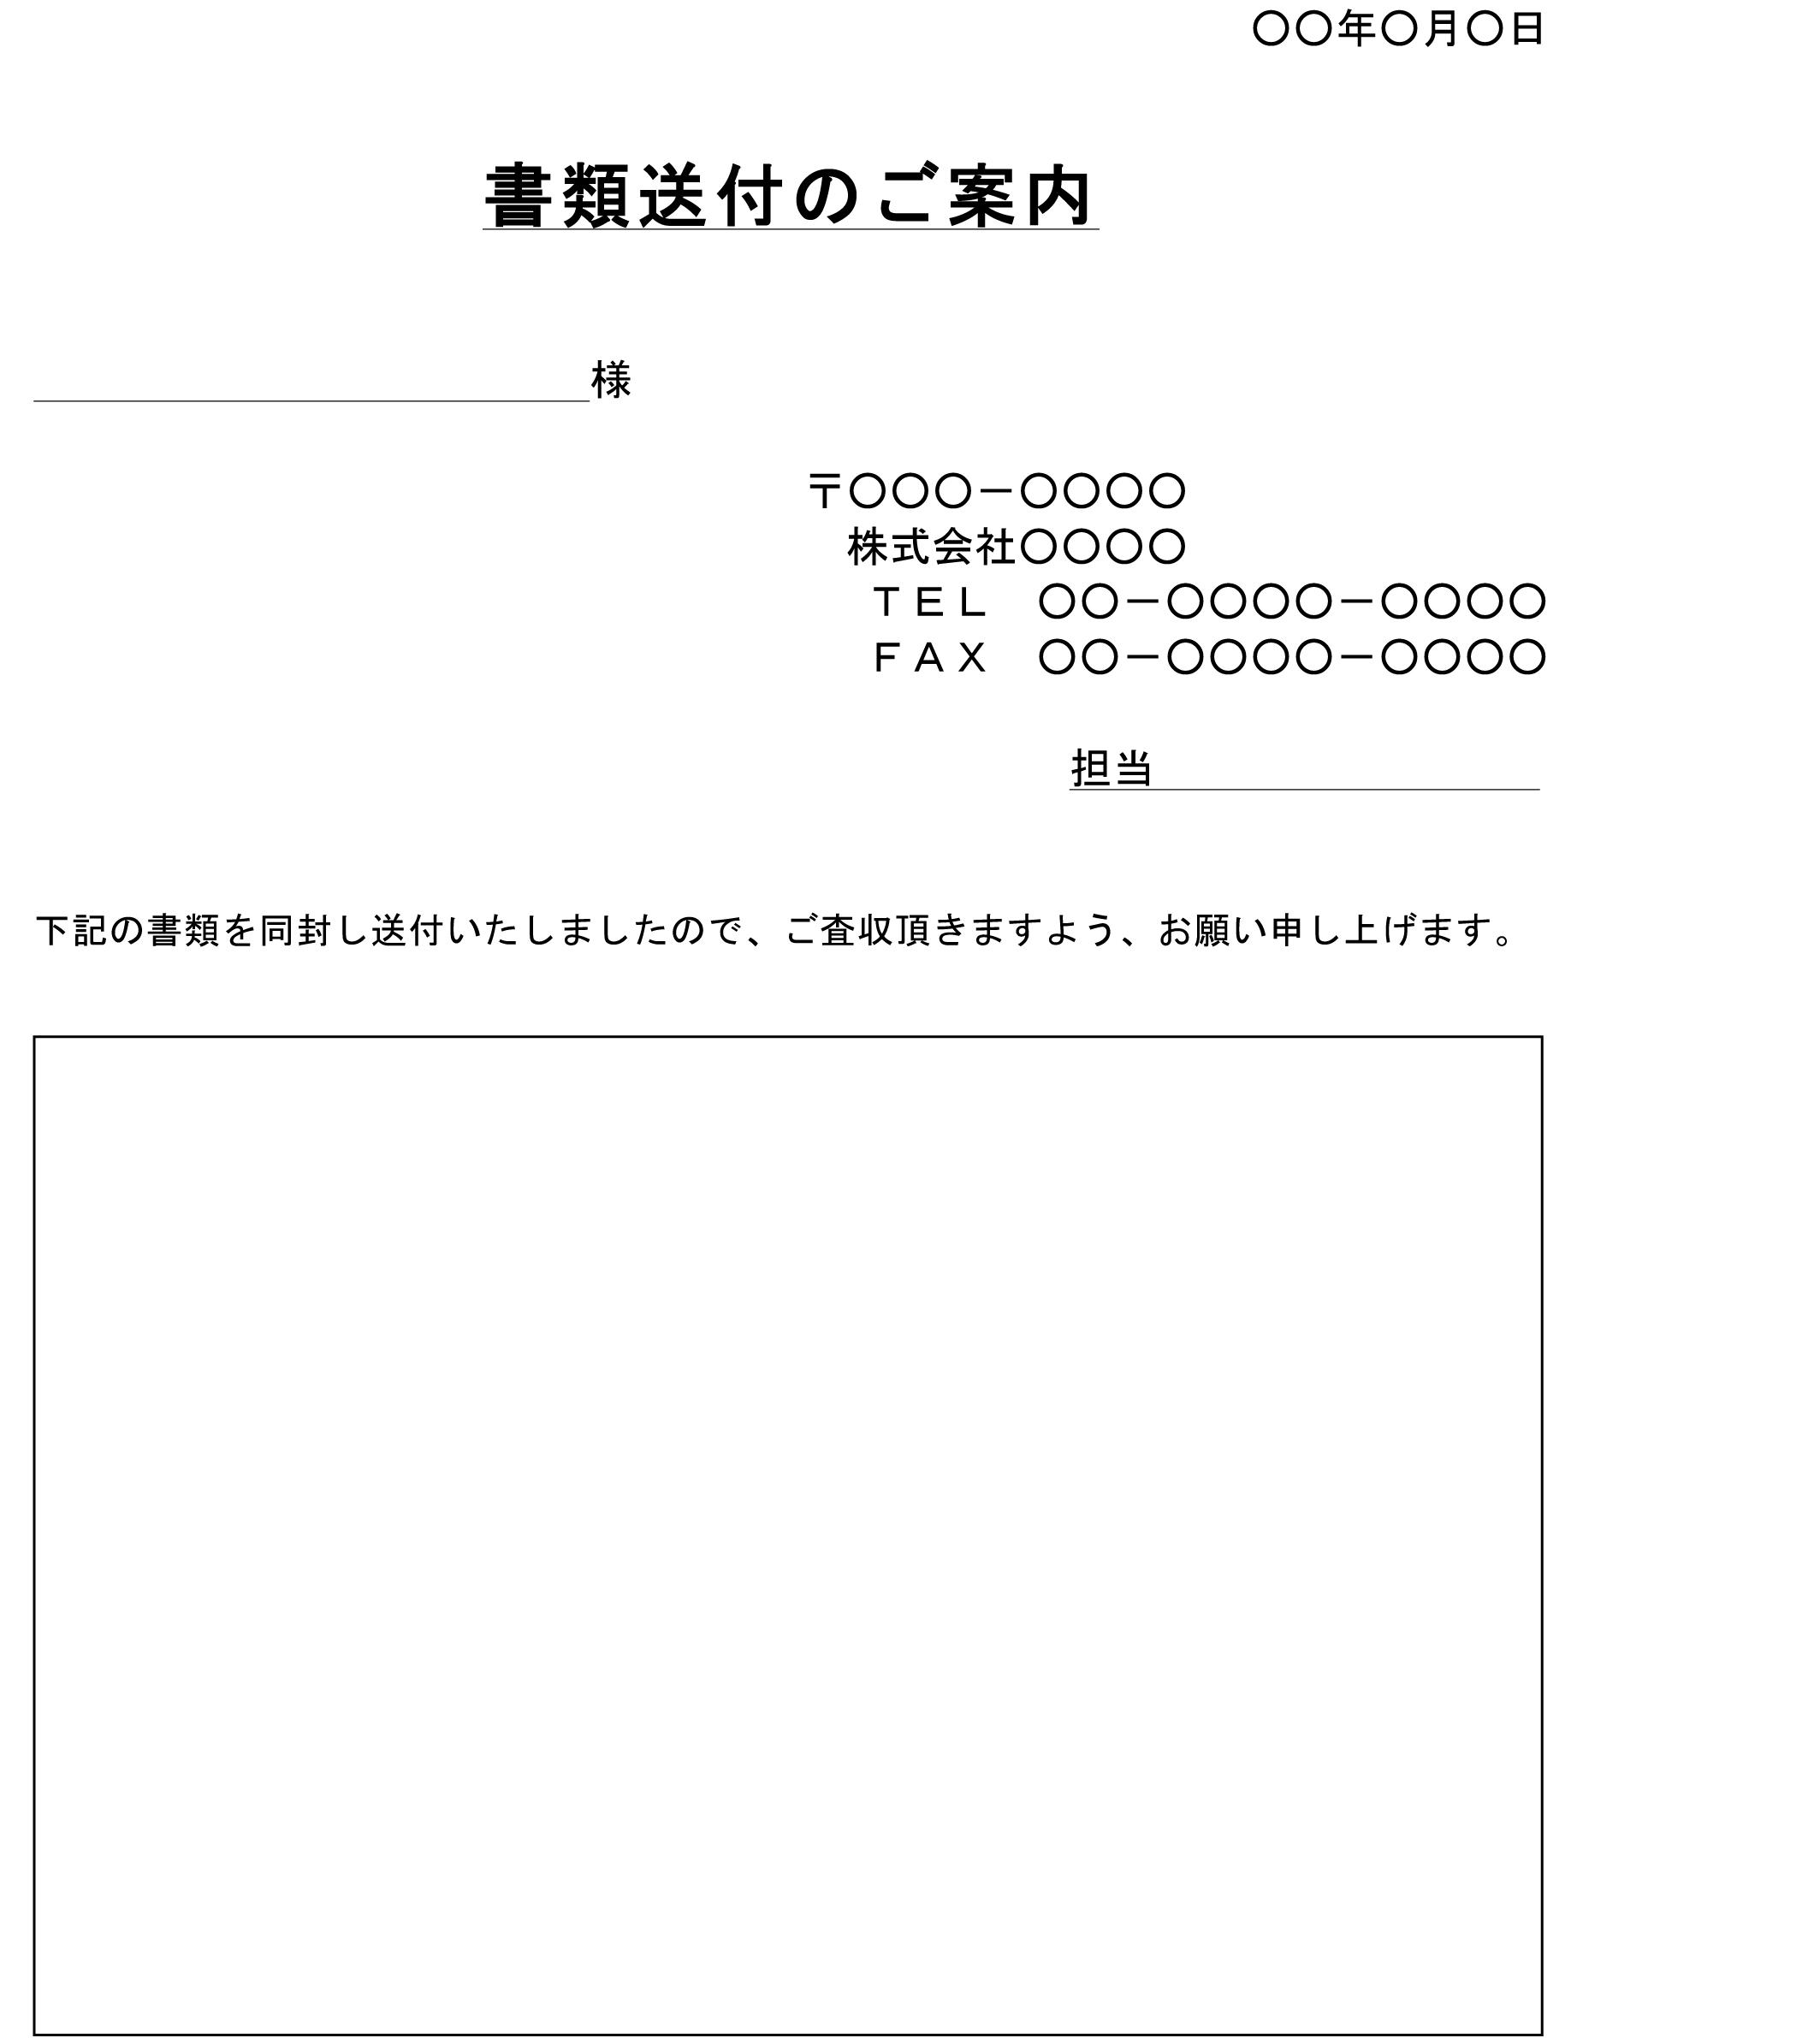 案内状(書類送付)